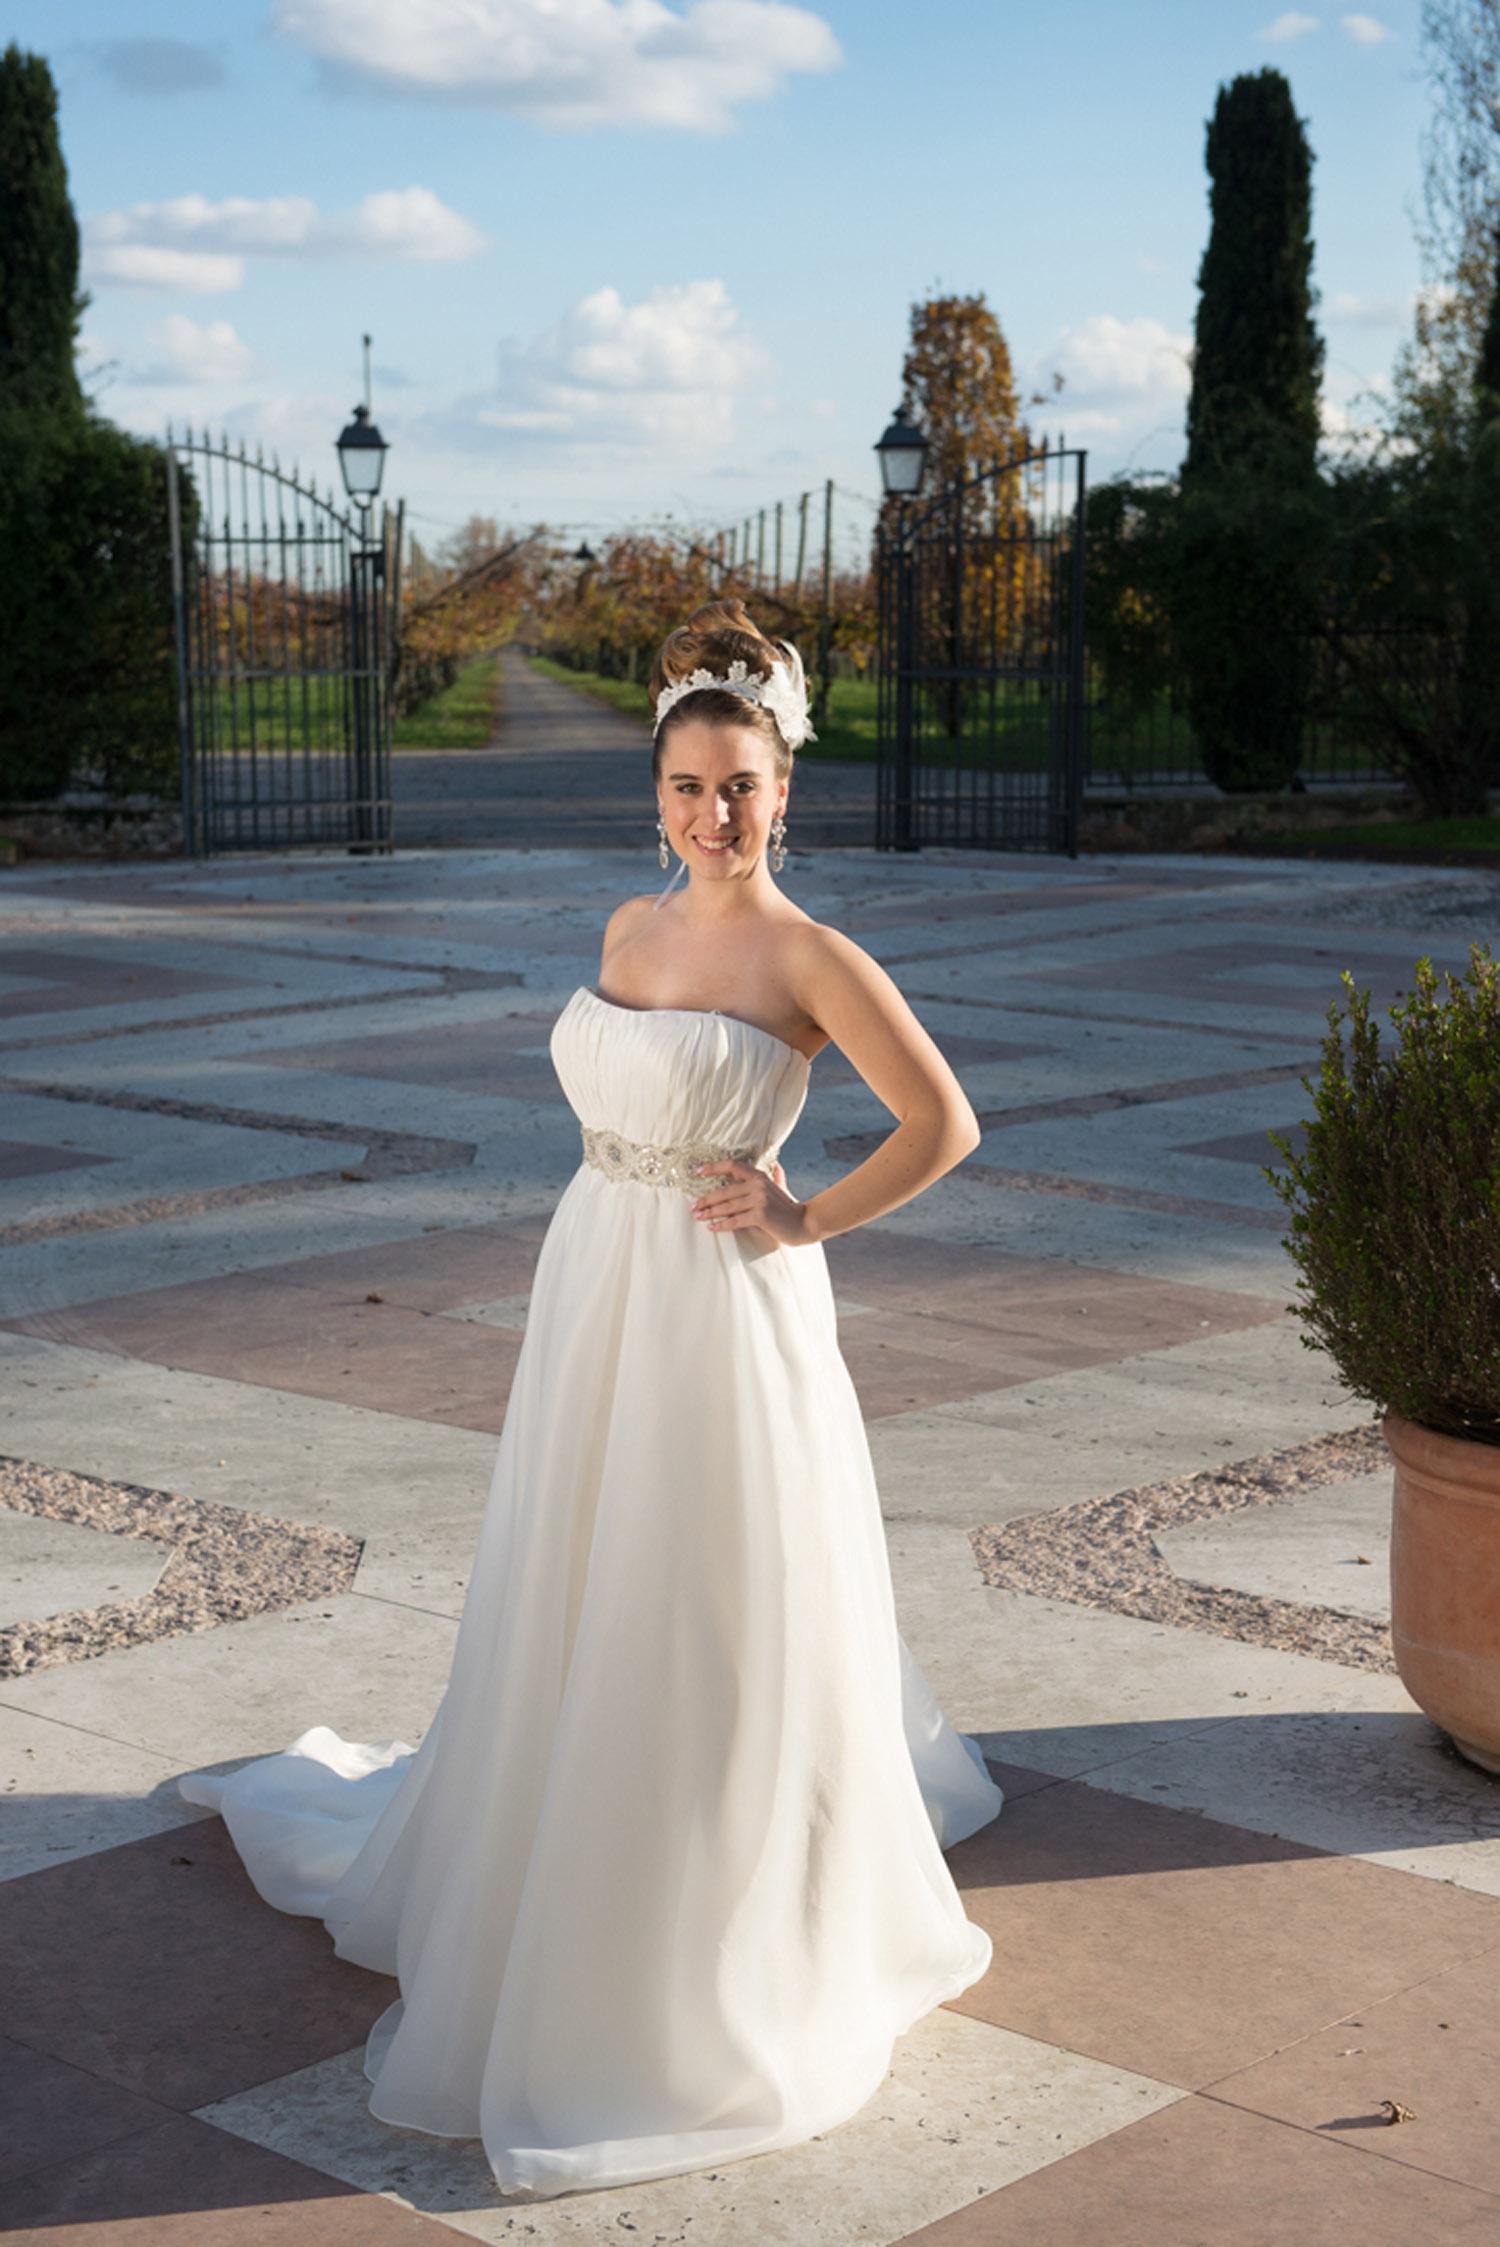 23-Atelier-Sposa-Matrimonio-provincia-di-Treviso